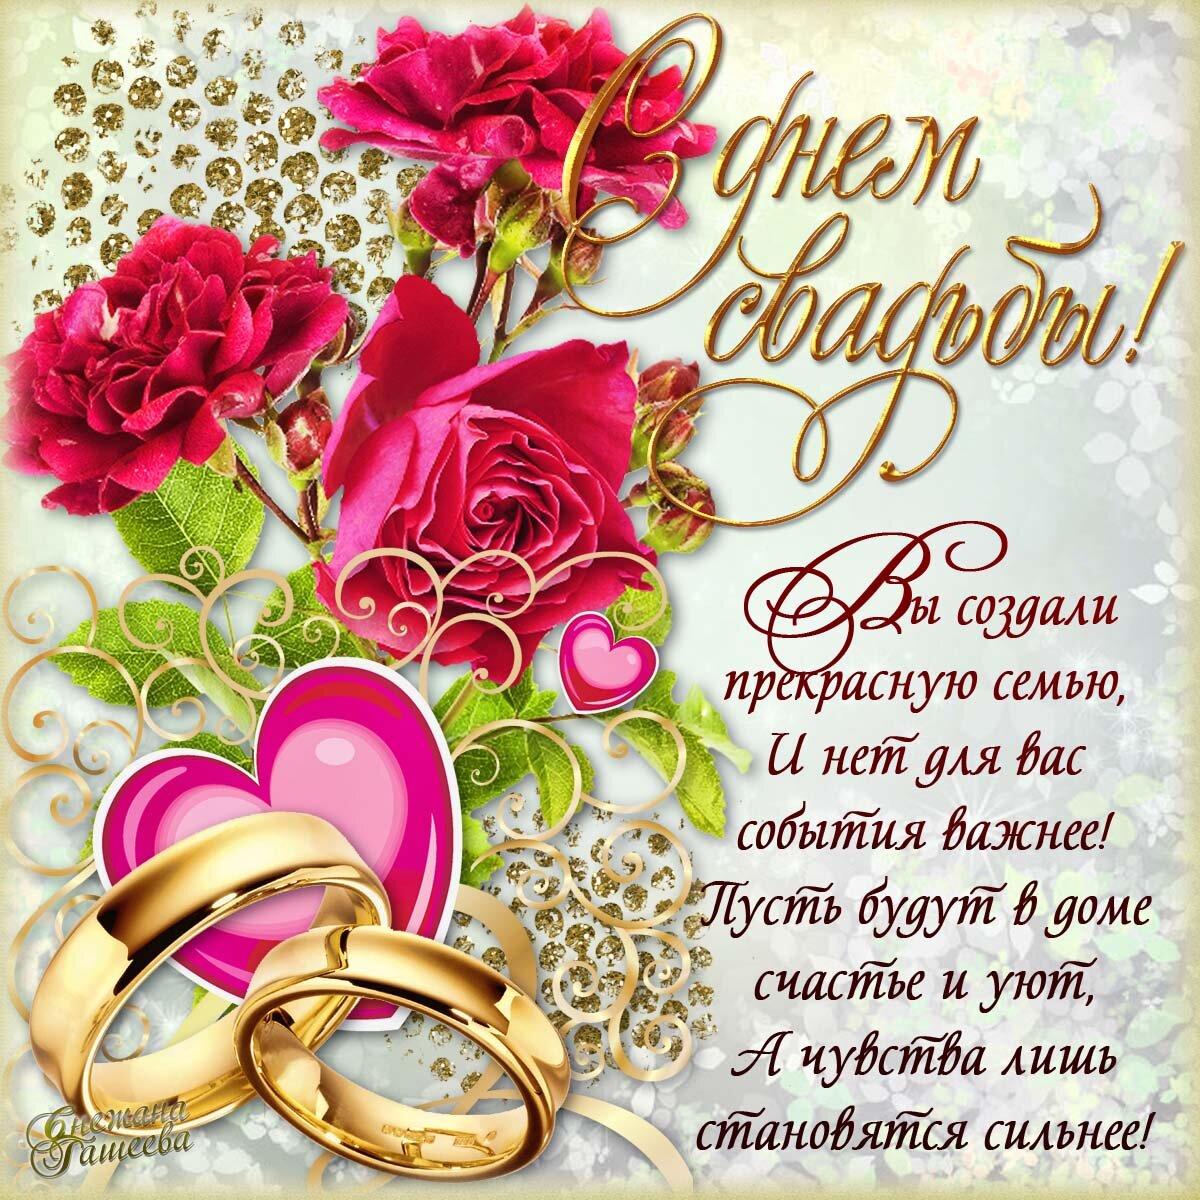 Поздравление в день свадьбы крестнику